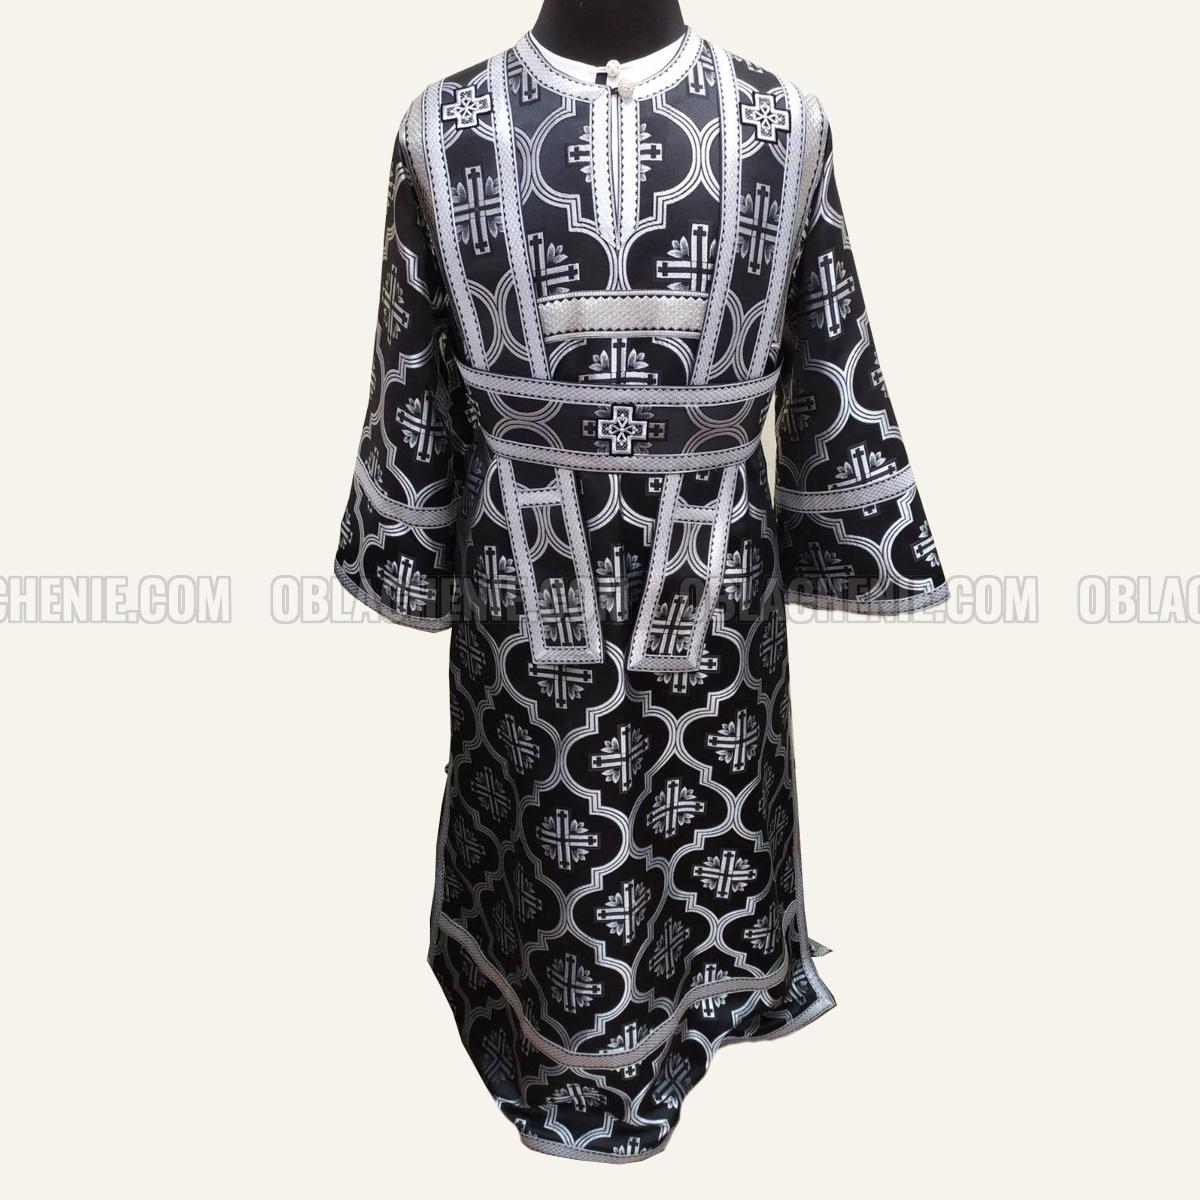 Subdeacon's vestments 11111